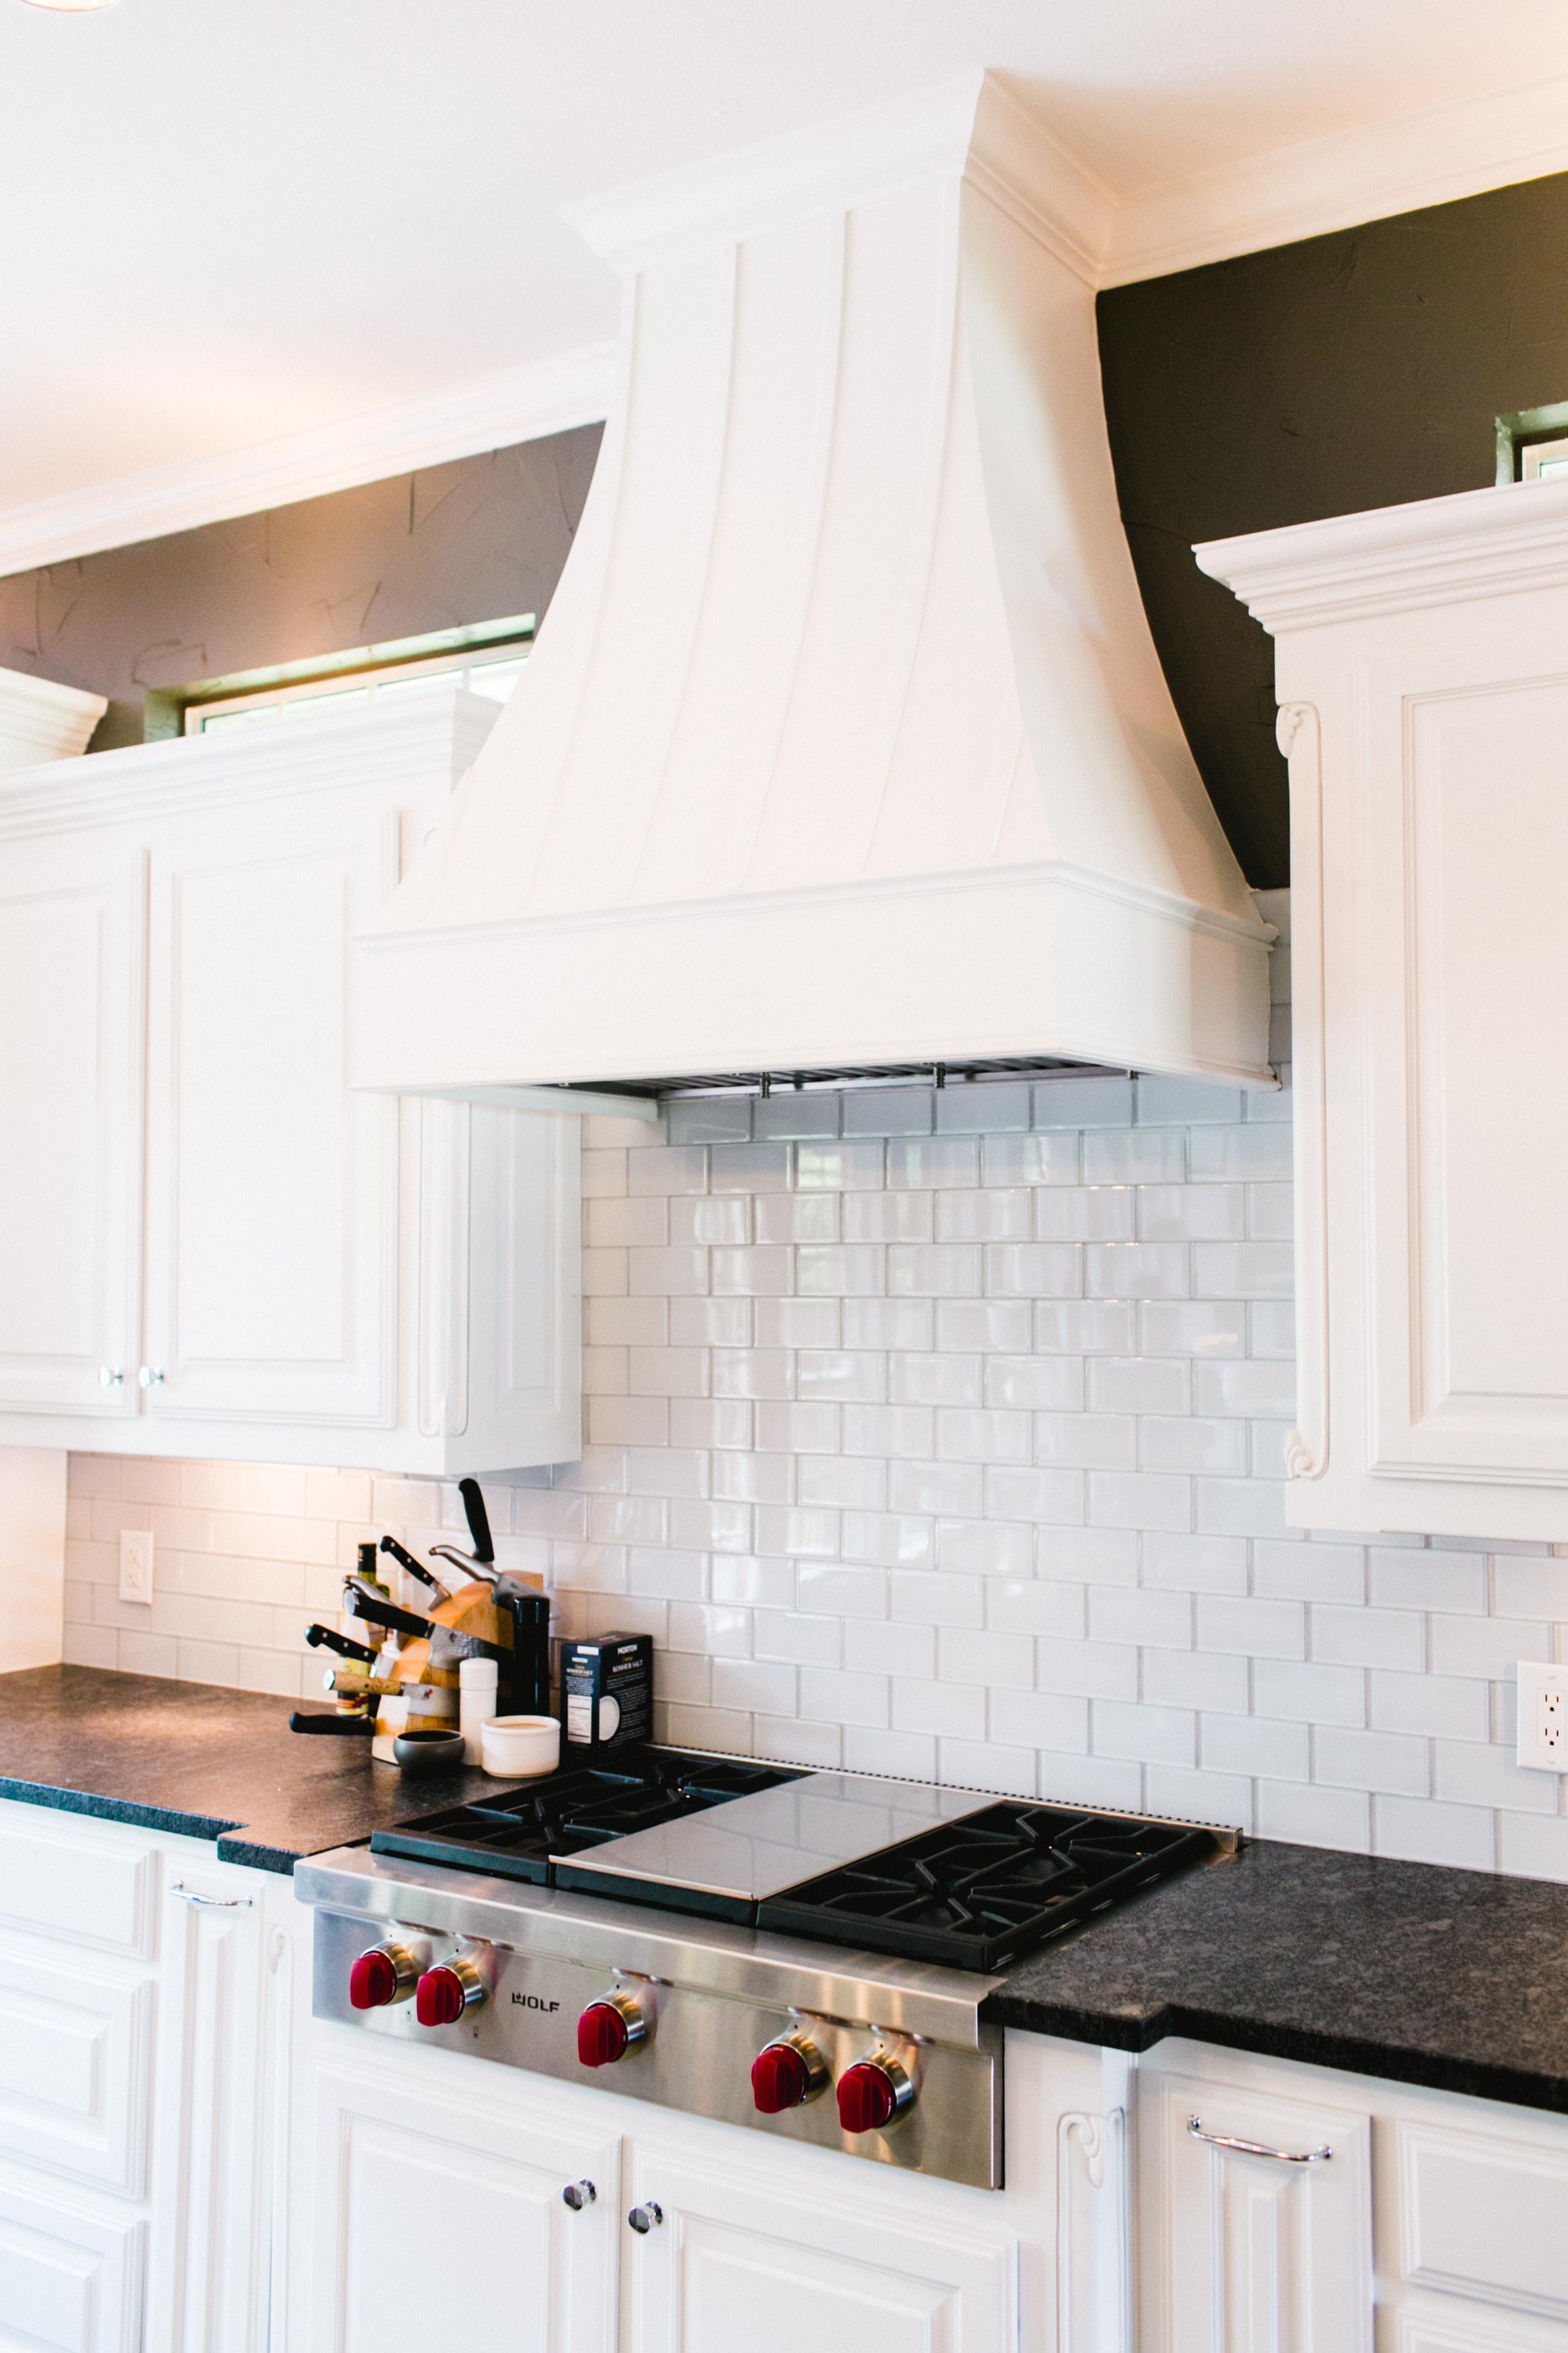 Southlake Kitchen Remodel 10.jpg